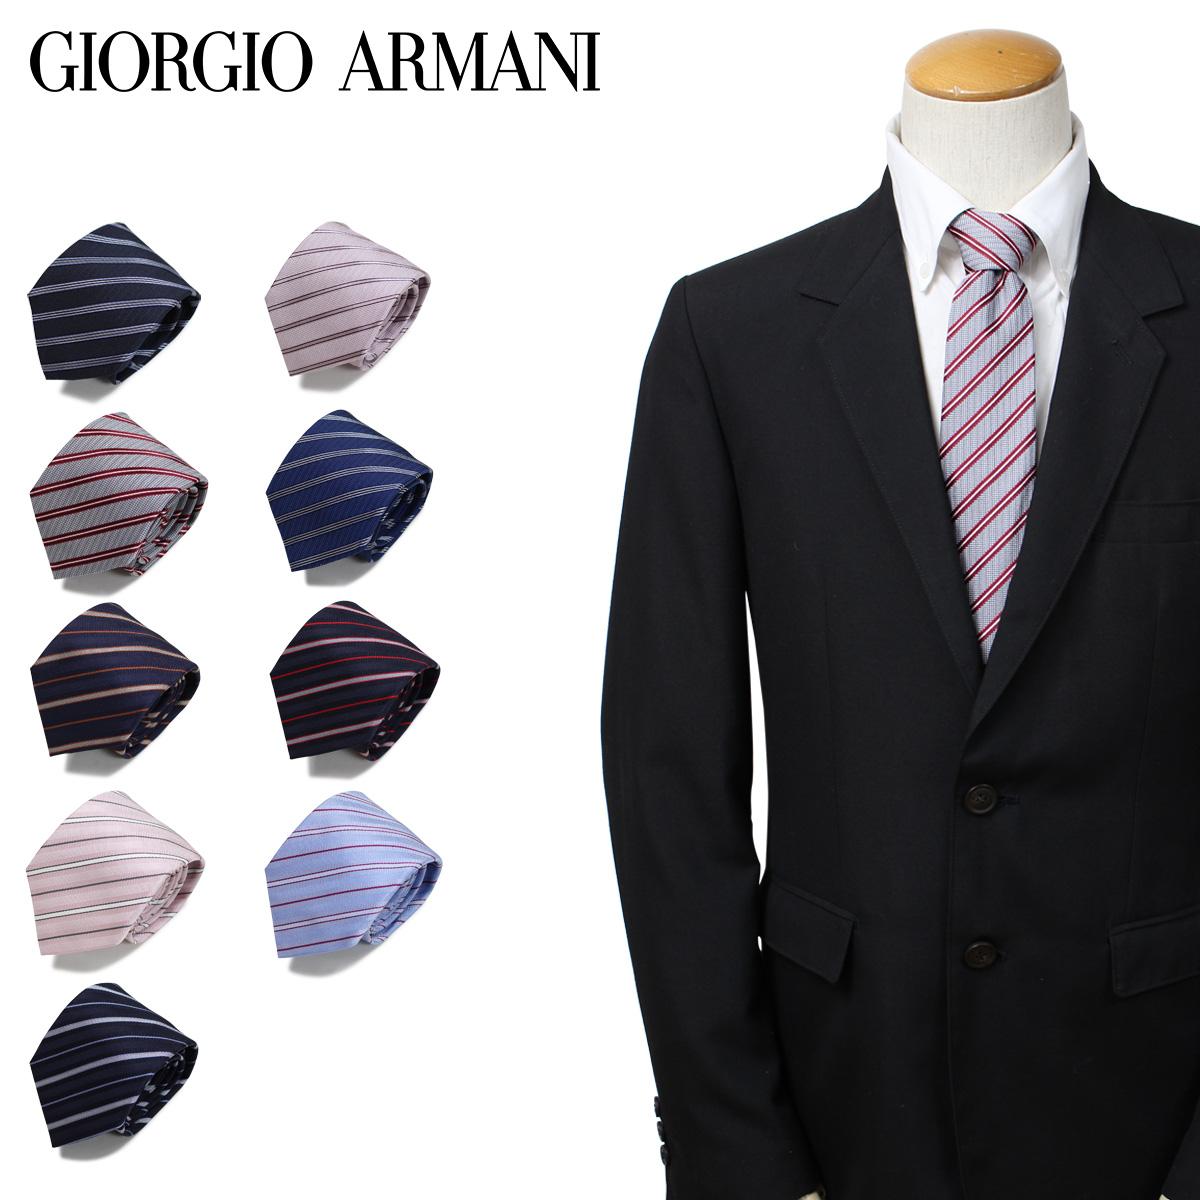 ジョルジオ アルマーニ GIORGIO ARMANI メンズ ネクタイ イタリア製 シルク ビジネス 結婚式 [3/26 新入荷]